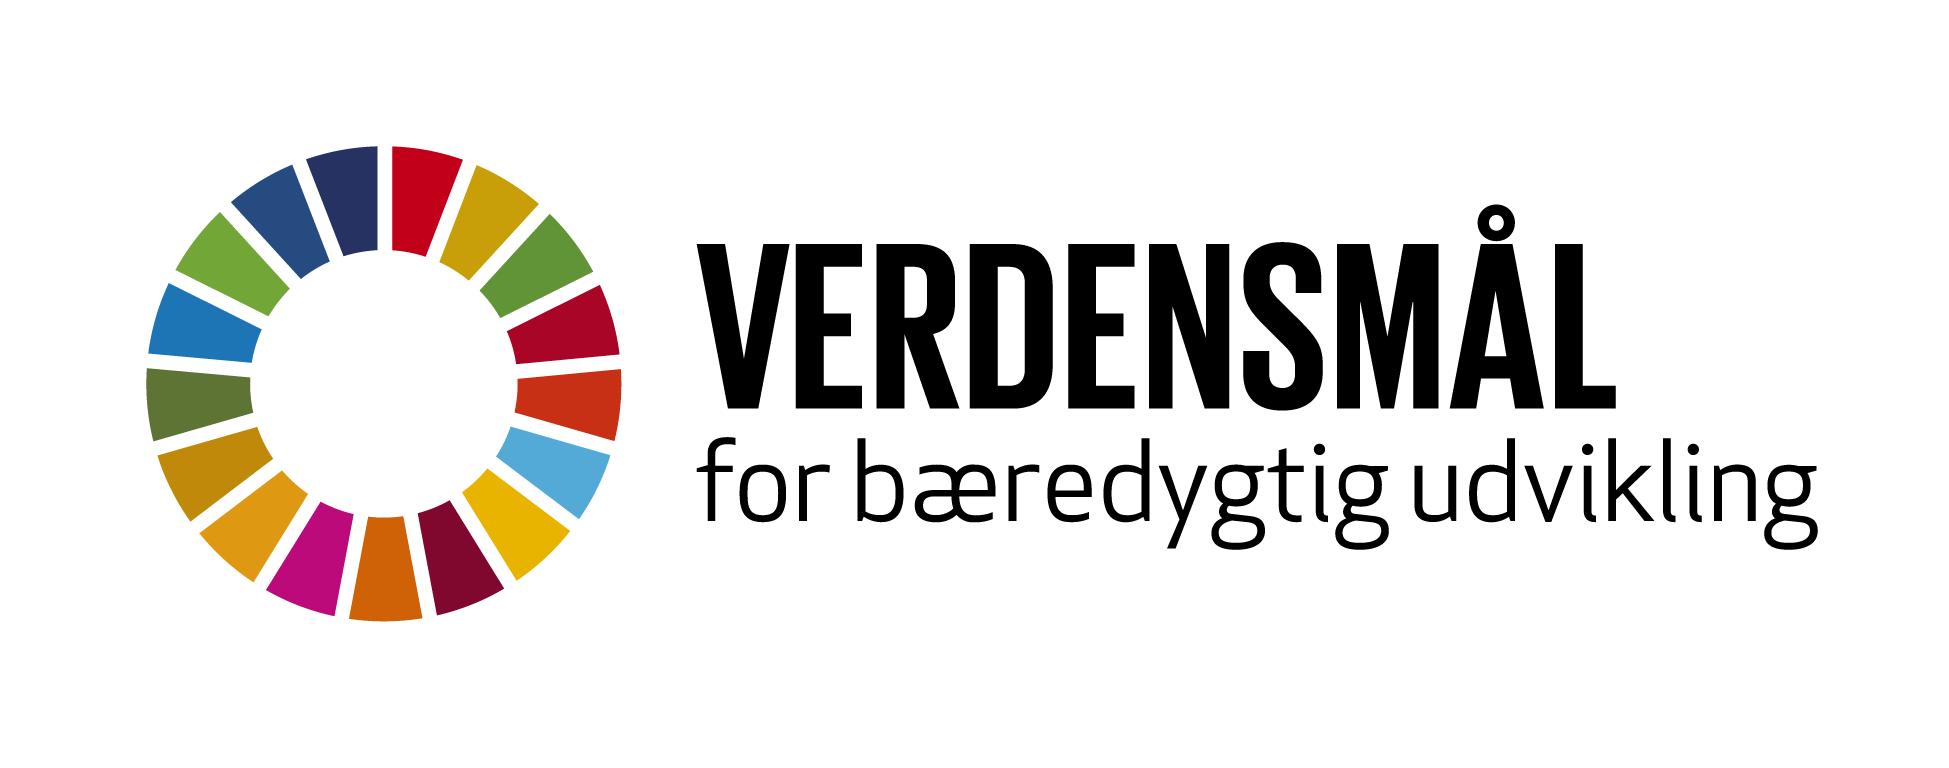 Logo for de 17 verdensmål for bæredygtig udvikling